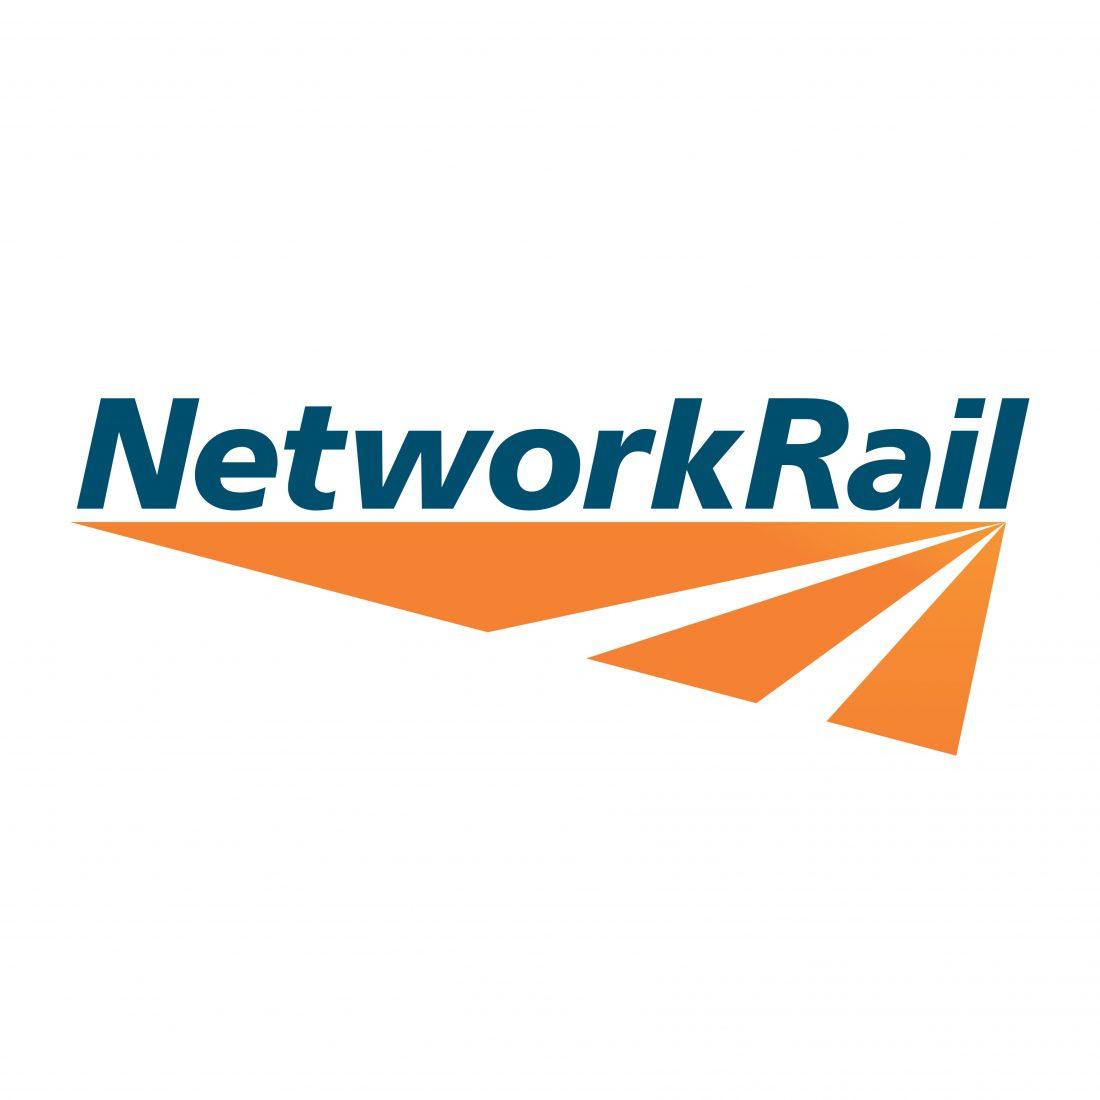 RENEWED SNP CALLS FOR FULL DEVOLUTION OF RAIL